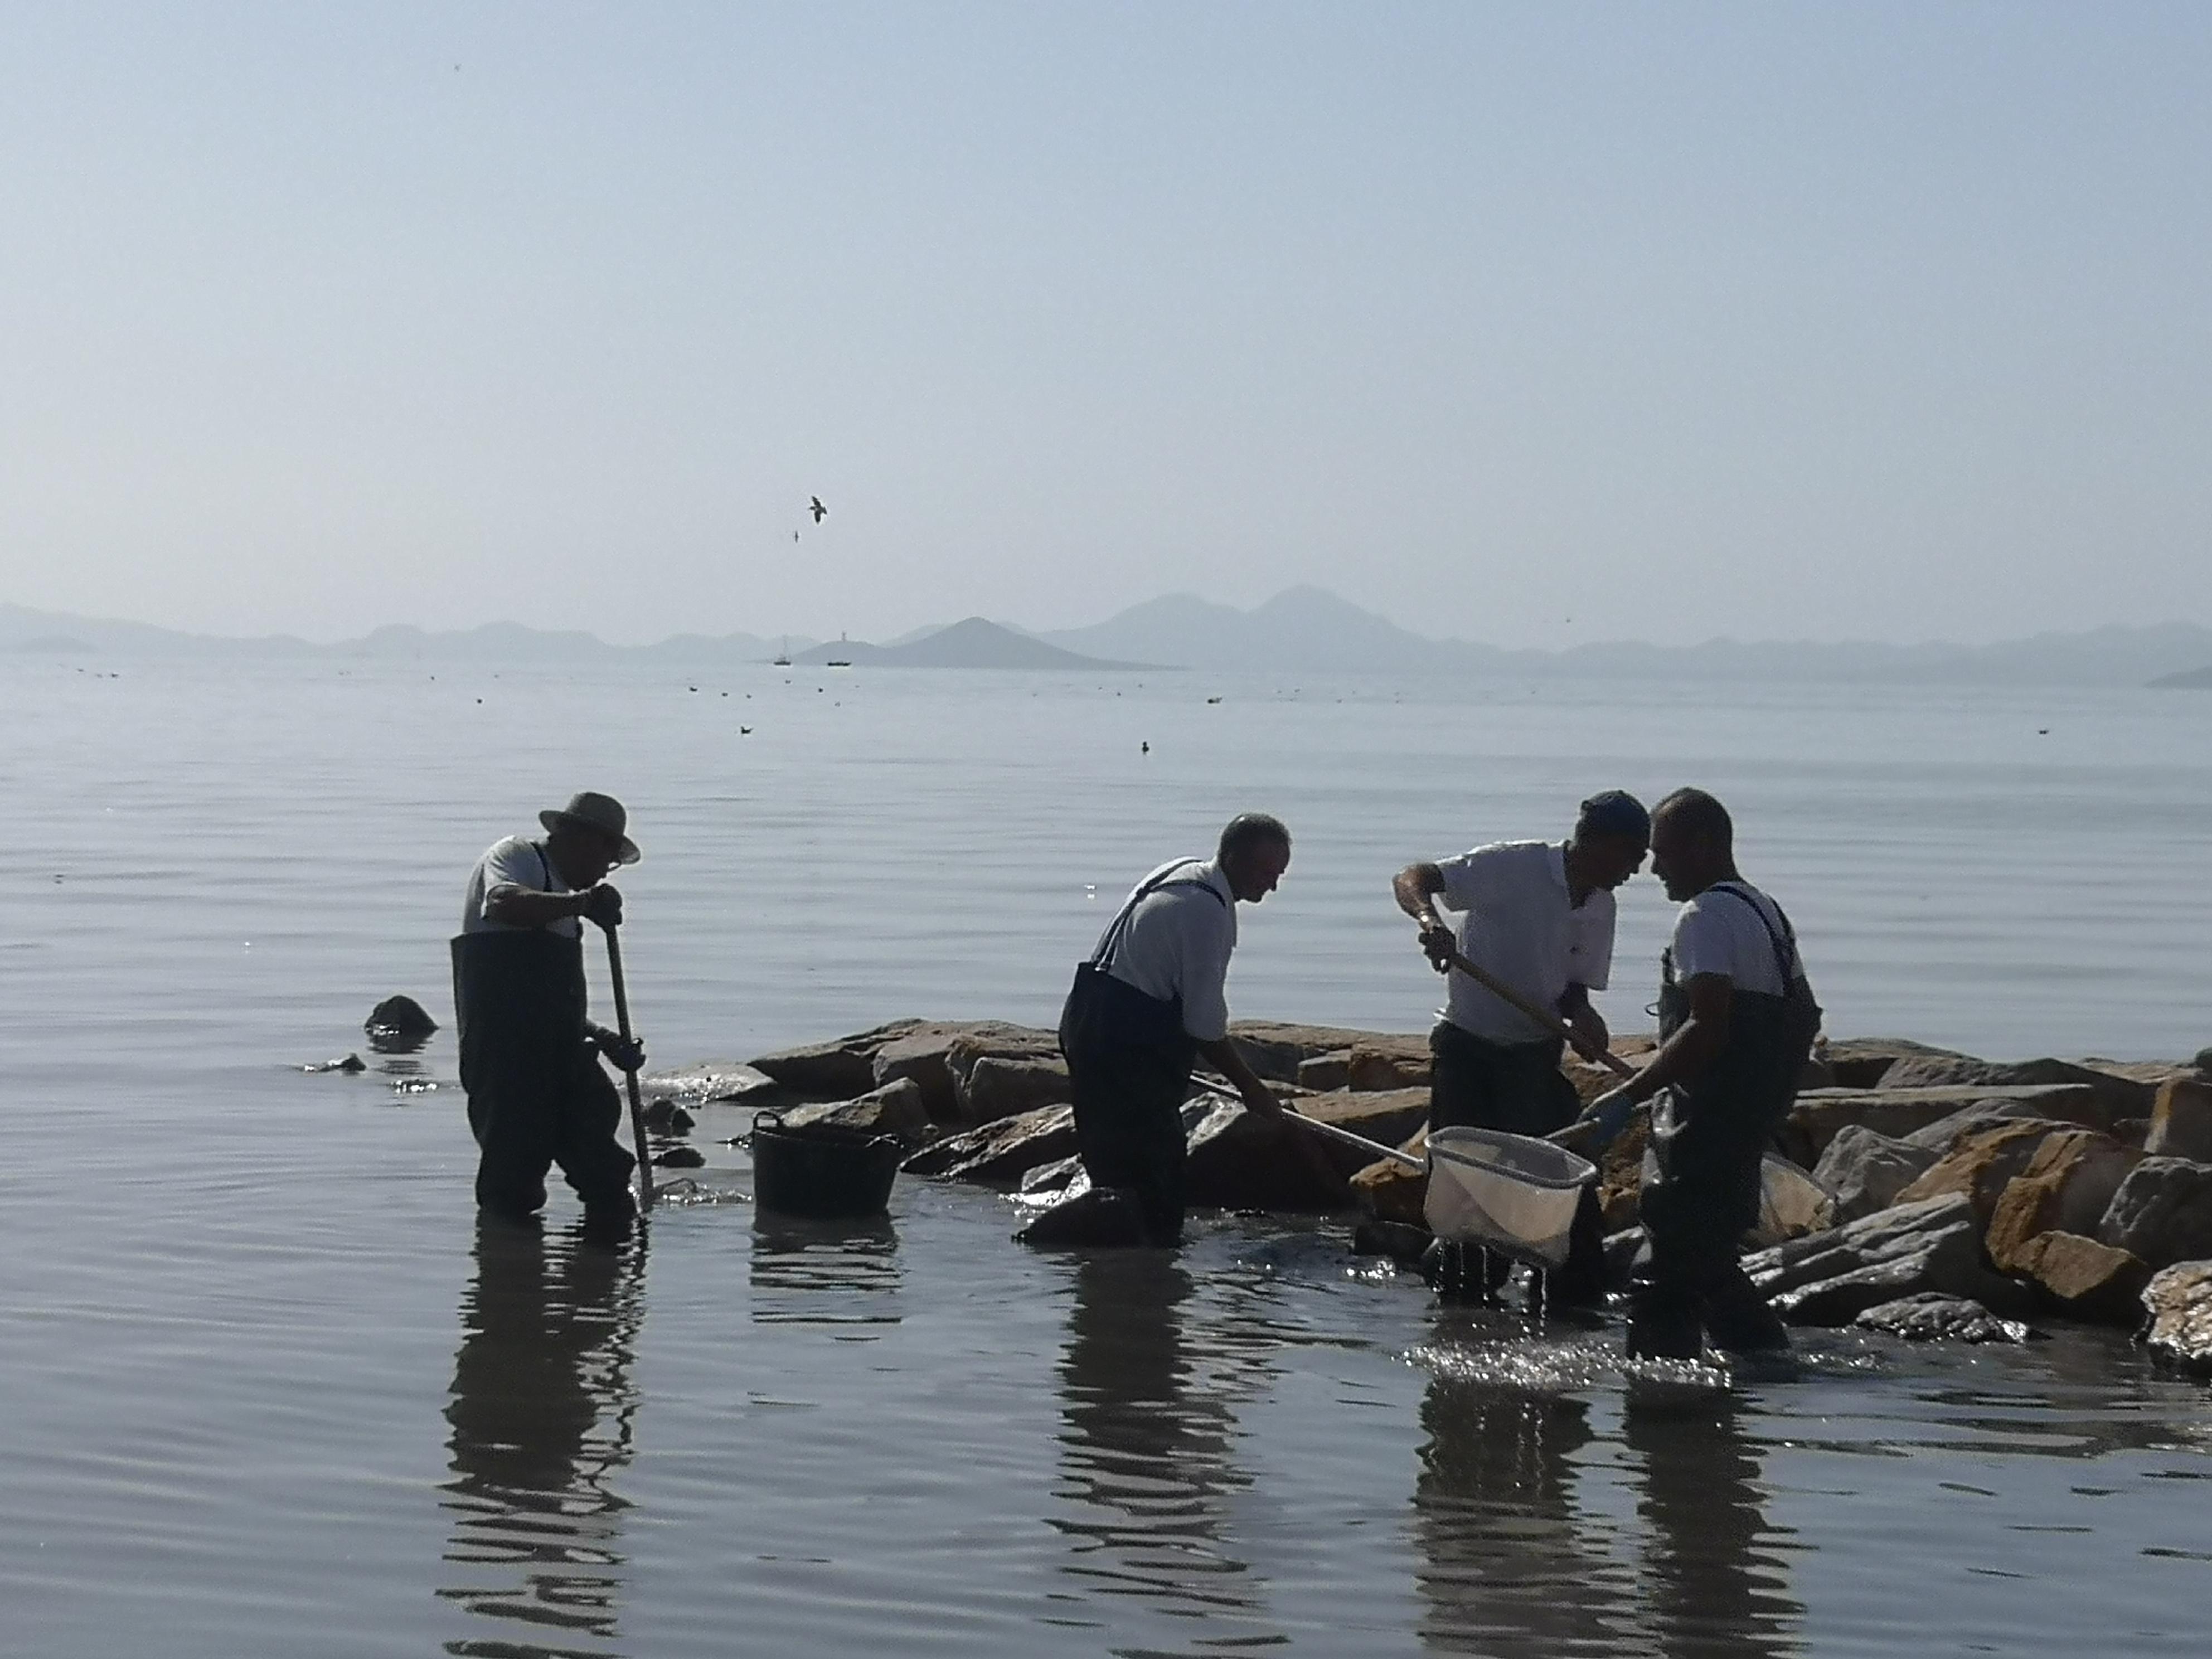 Un  momento de los trabajos durante el reciente episodio de mortandad en la laguna regional. Imagen: EEA